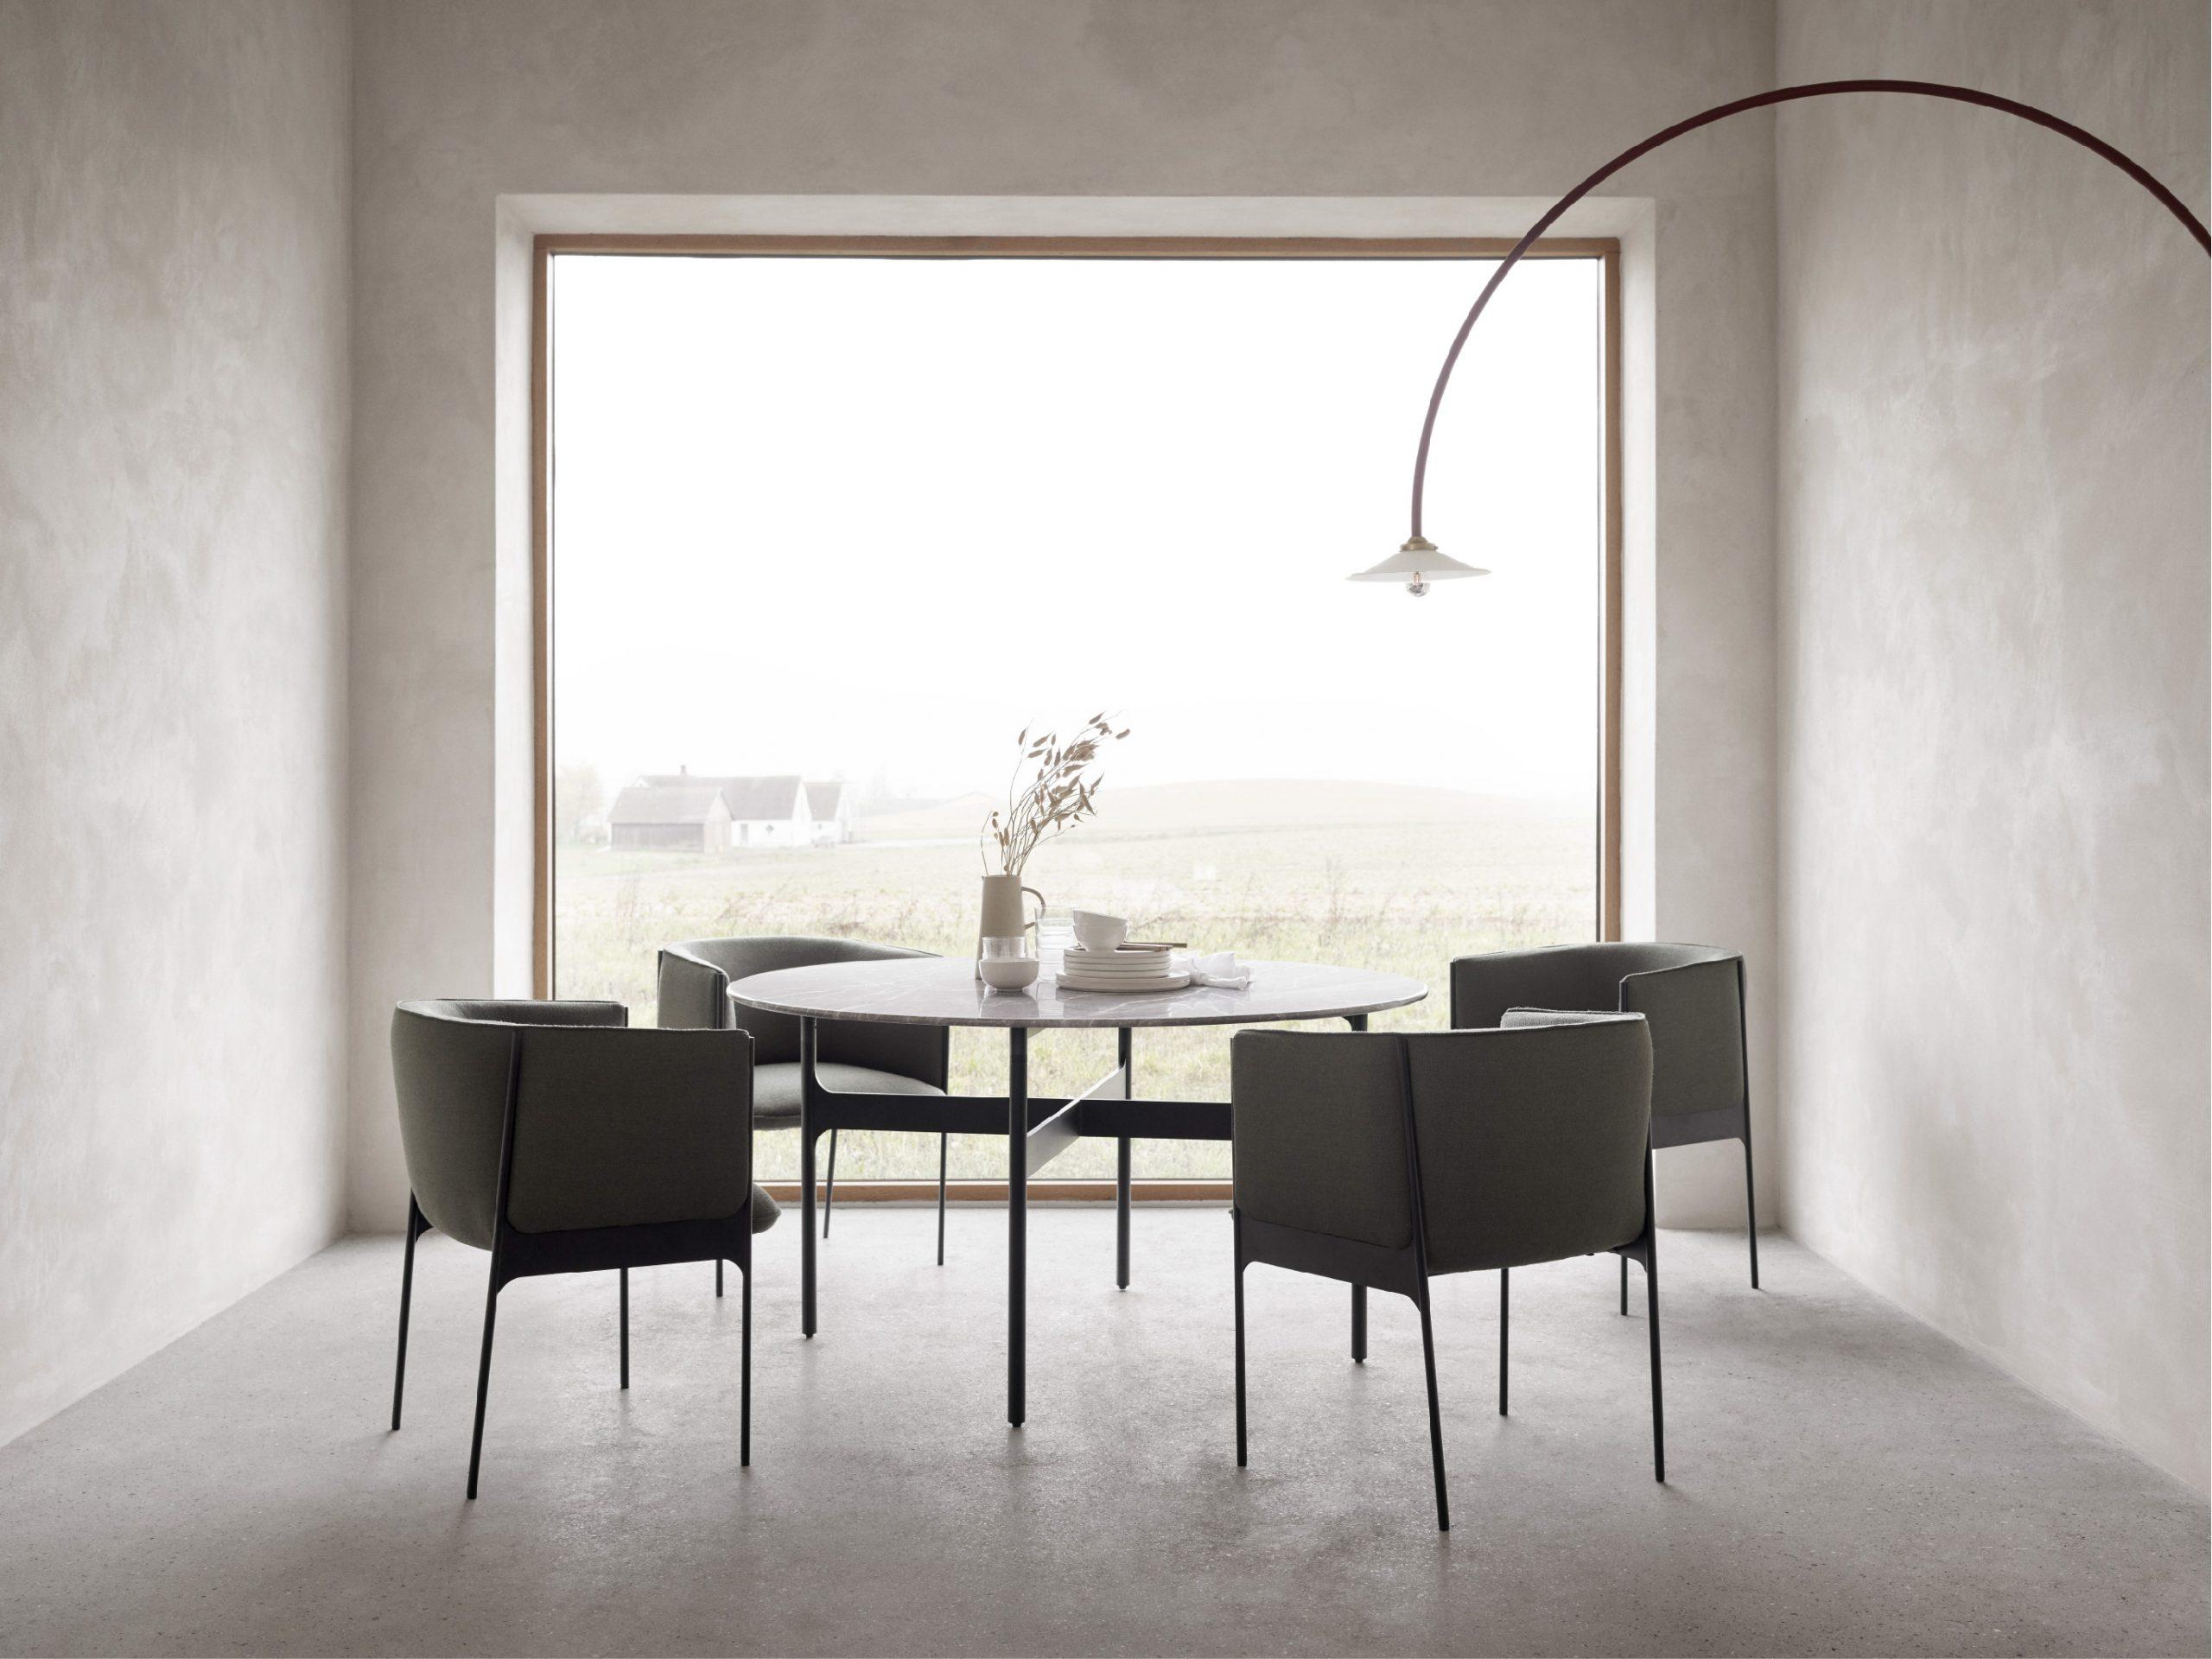 Bild: Wendelbo Interiors A/S